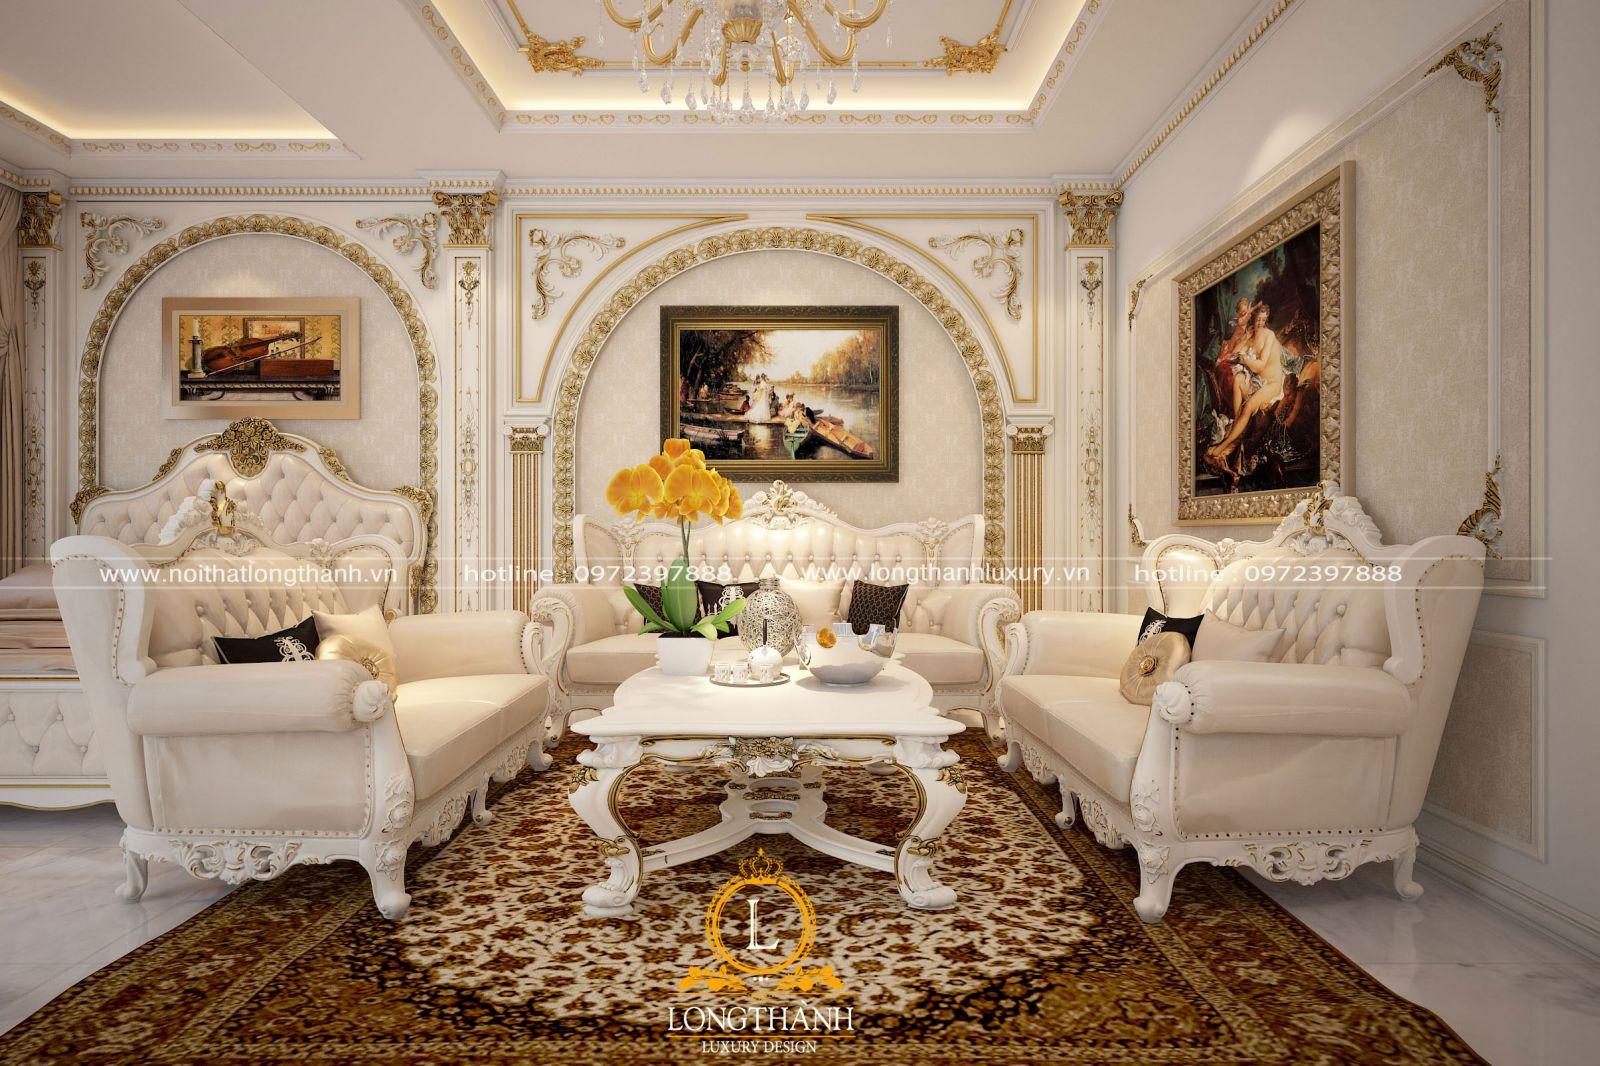 Sofa phòng khách đa dạng về kích thước kiểu dáng màu sắc